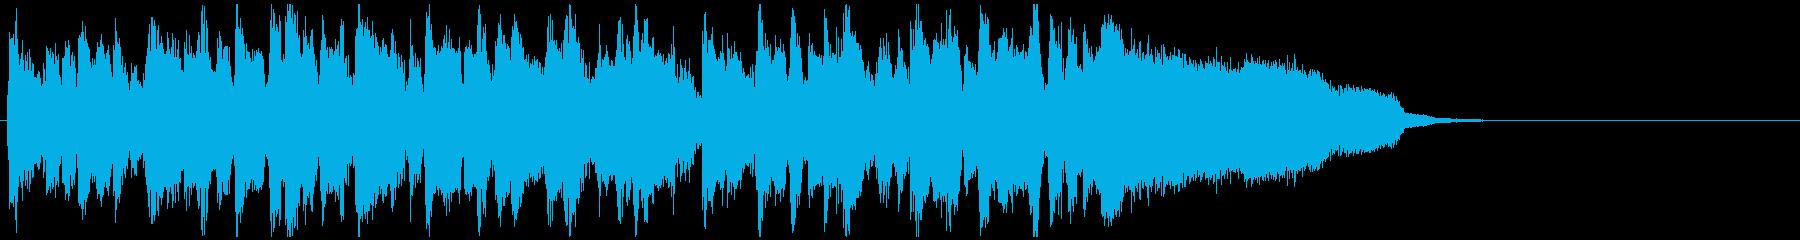 CM等に、近未来的なフュージョンジングルの再生済みの波形